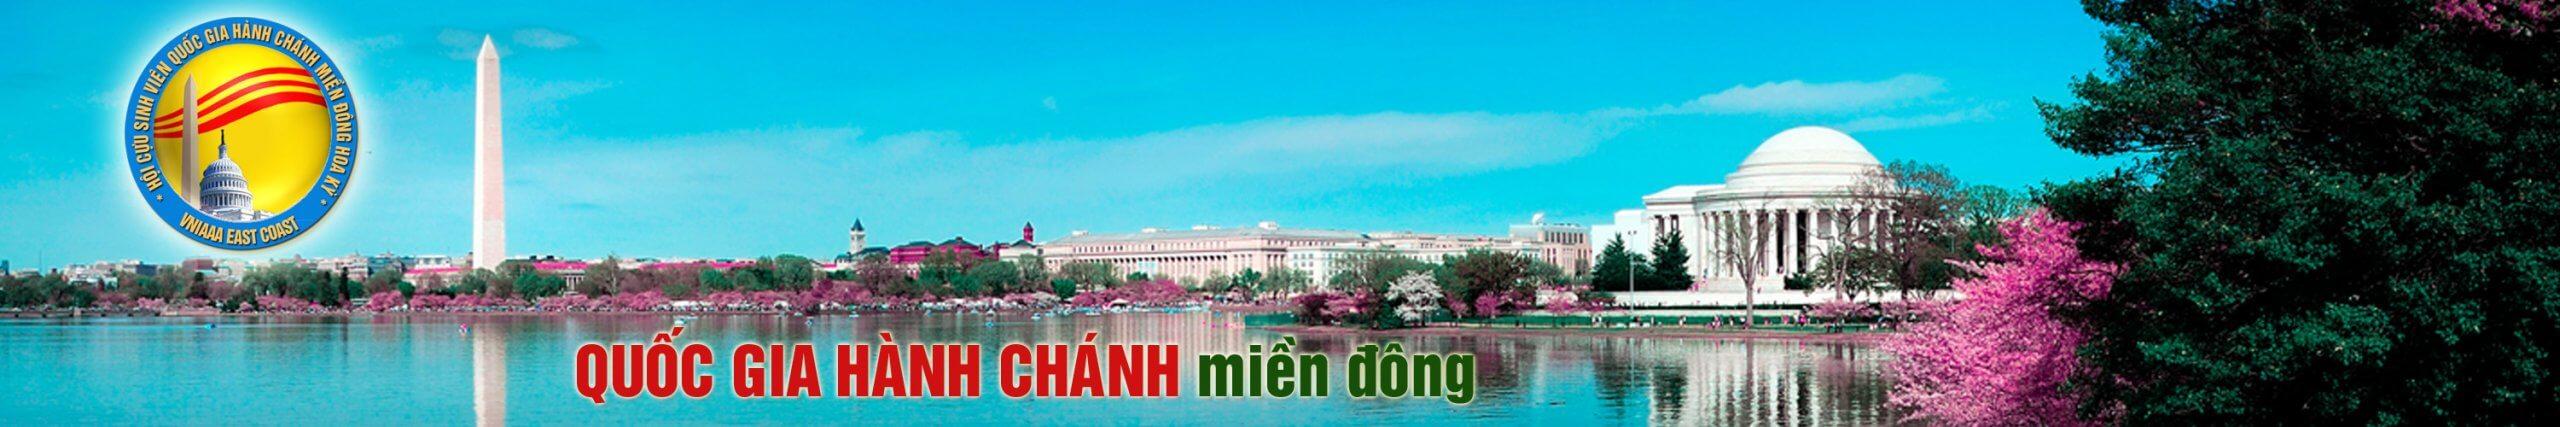 Quốc Gia Hành Chánh Miền Đông Logo